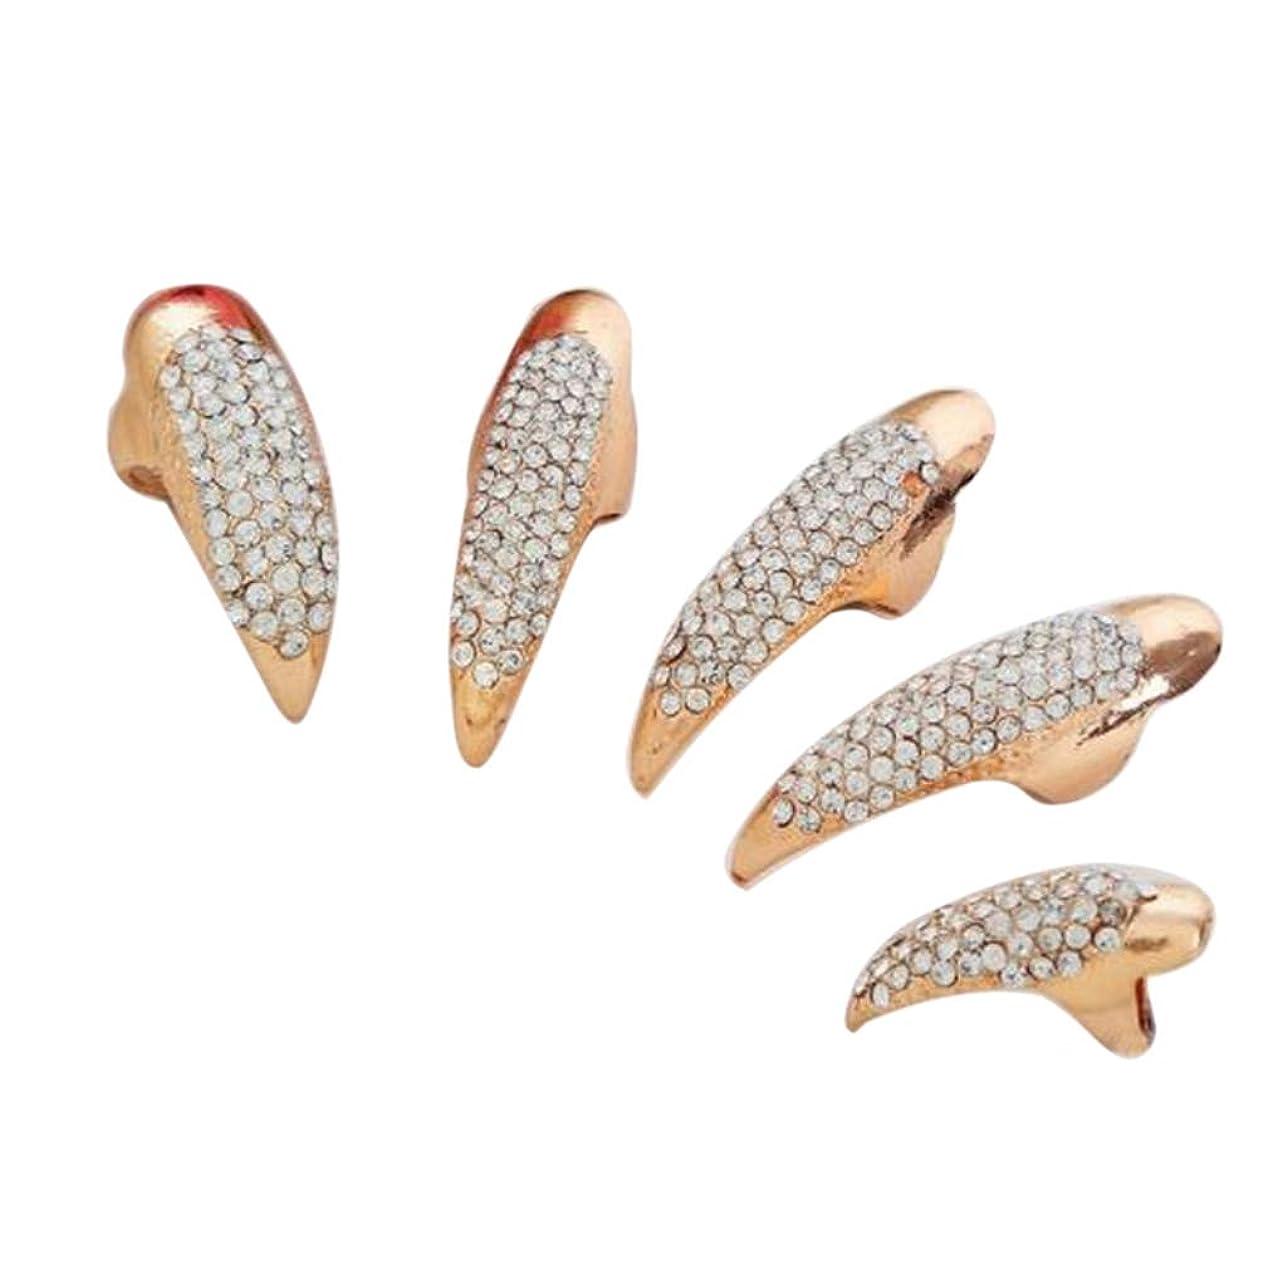 ビルファイバ蒸し器T TOOYFUL ファッションイーグル爪リングクリスタルジュエリーネイルアートデコレーションパーティー - ゴールデン